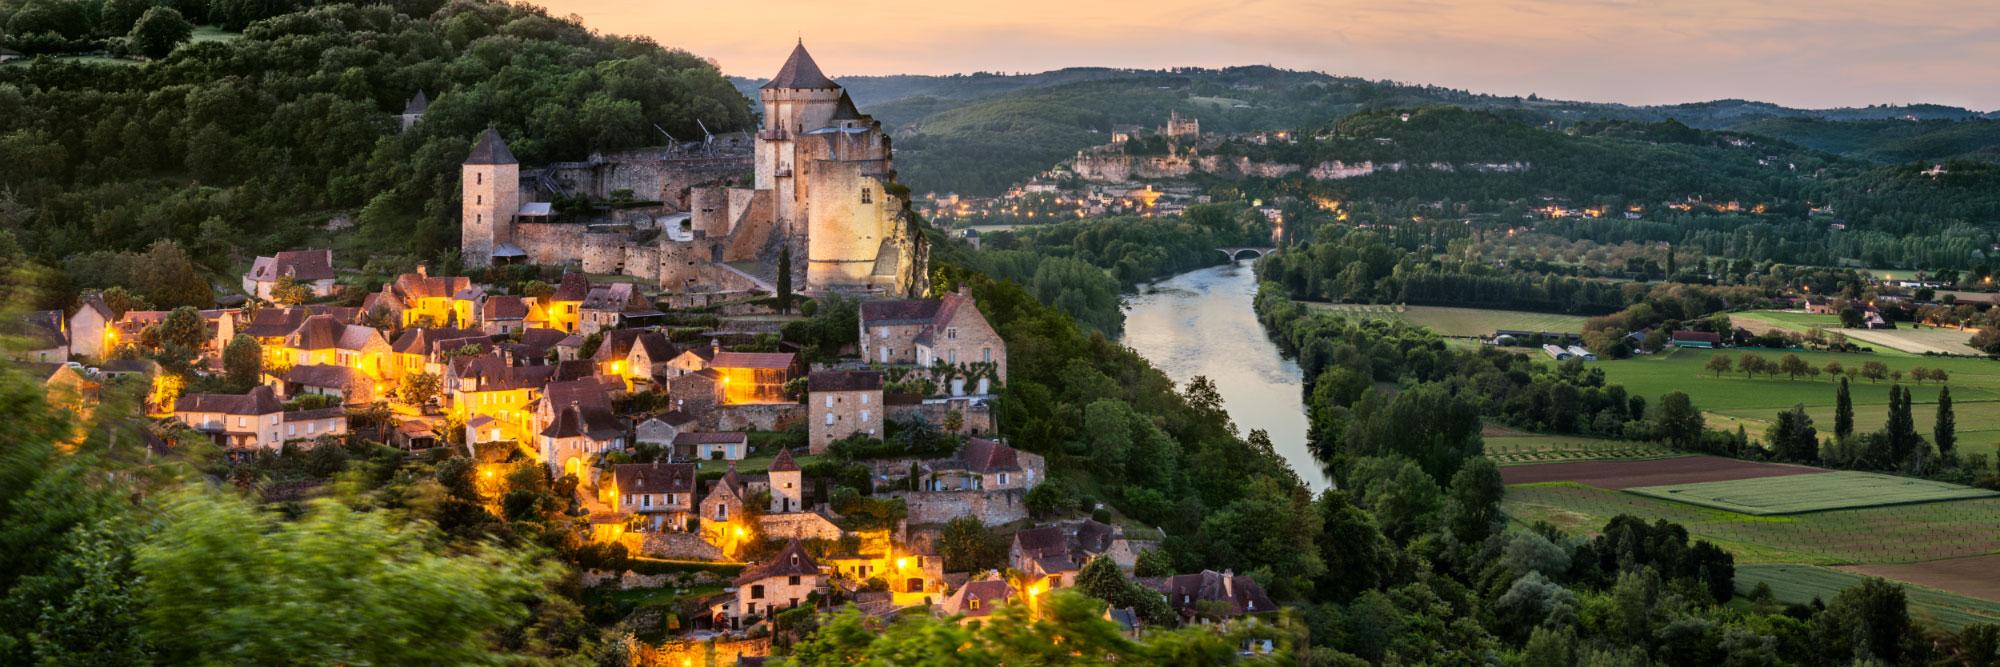 10-14943-france-dordogne-la-dordogne-entre-castelnaud-et-beynac-panorama-sentucq-h